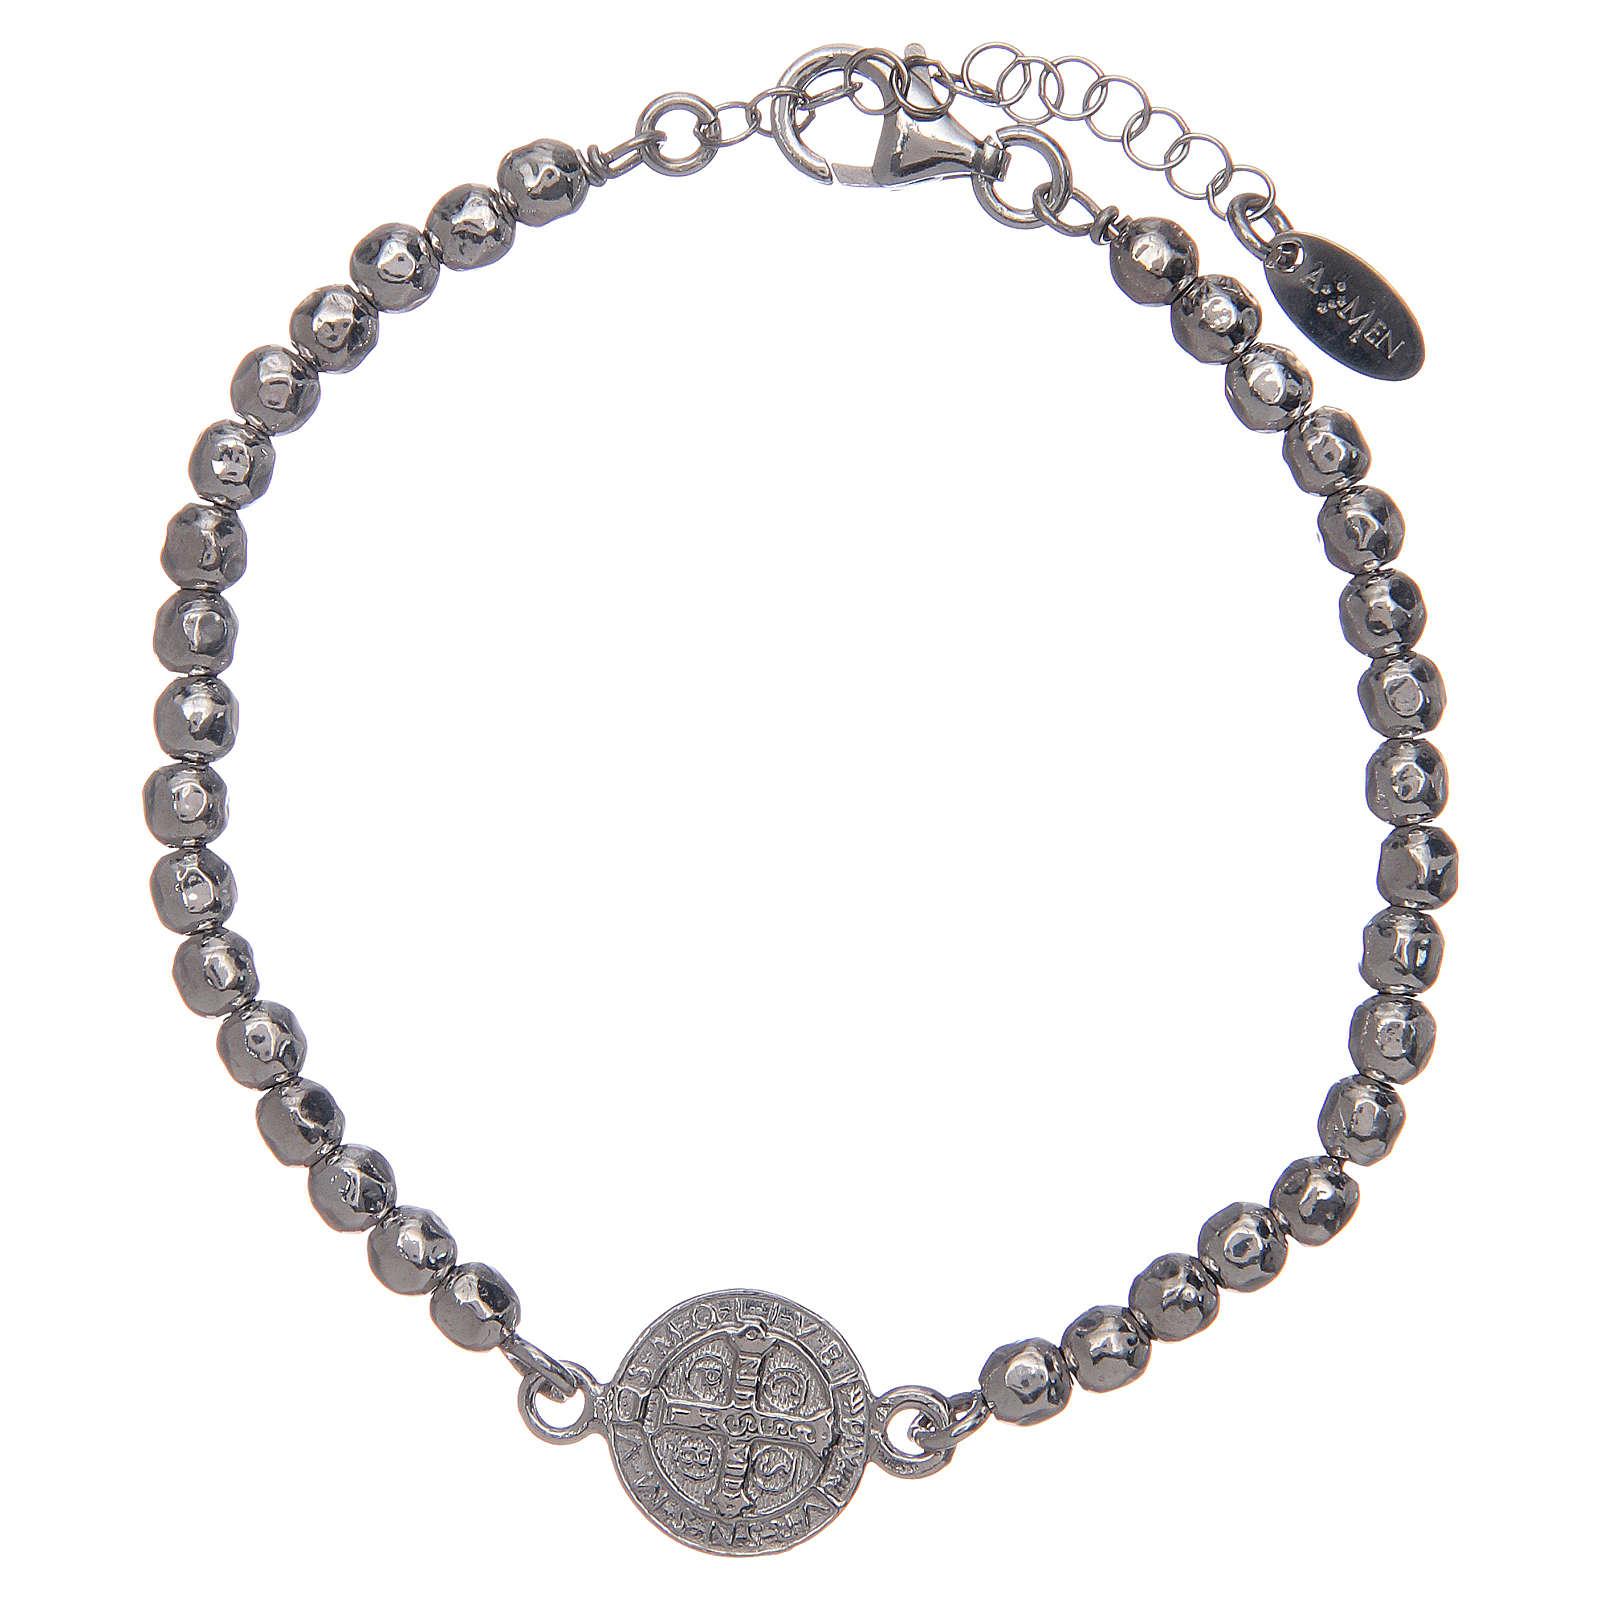 Saint Benedict medal bracelet in sterling silver 4